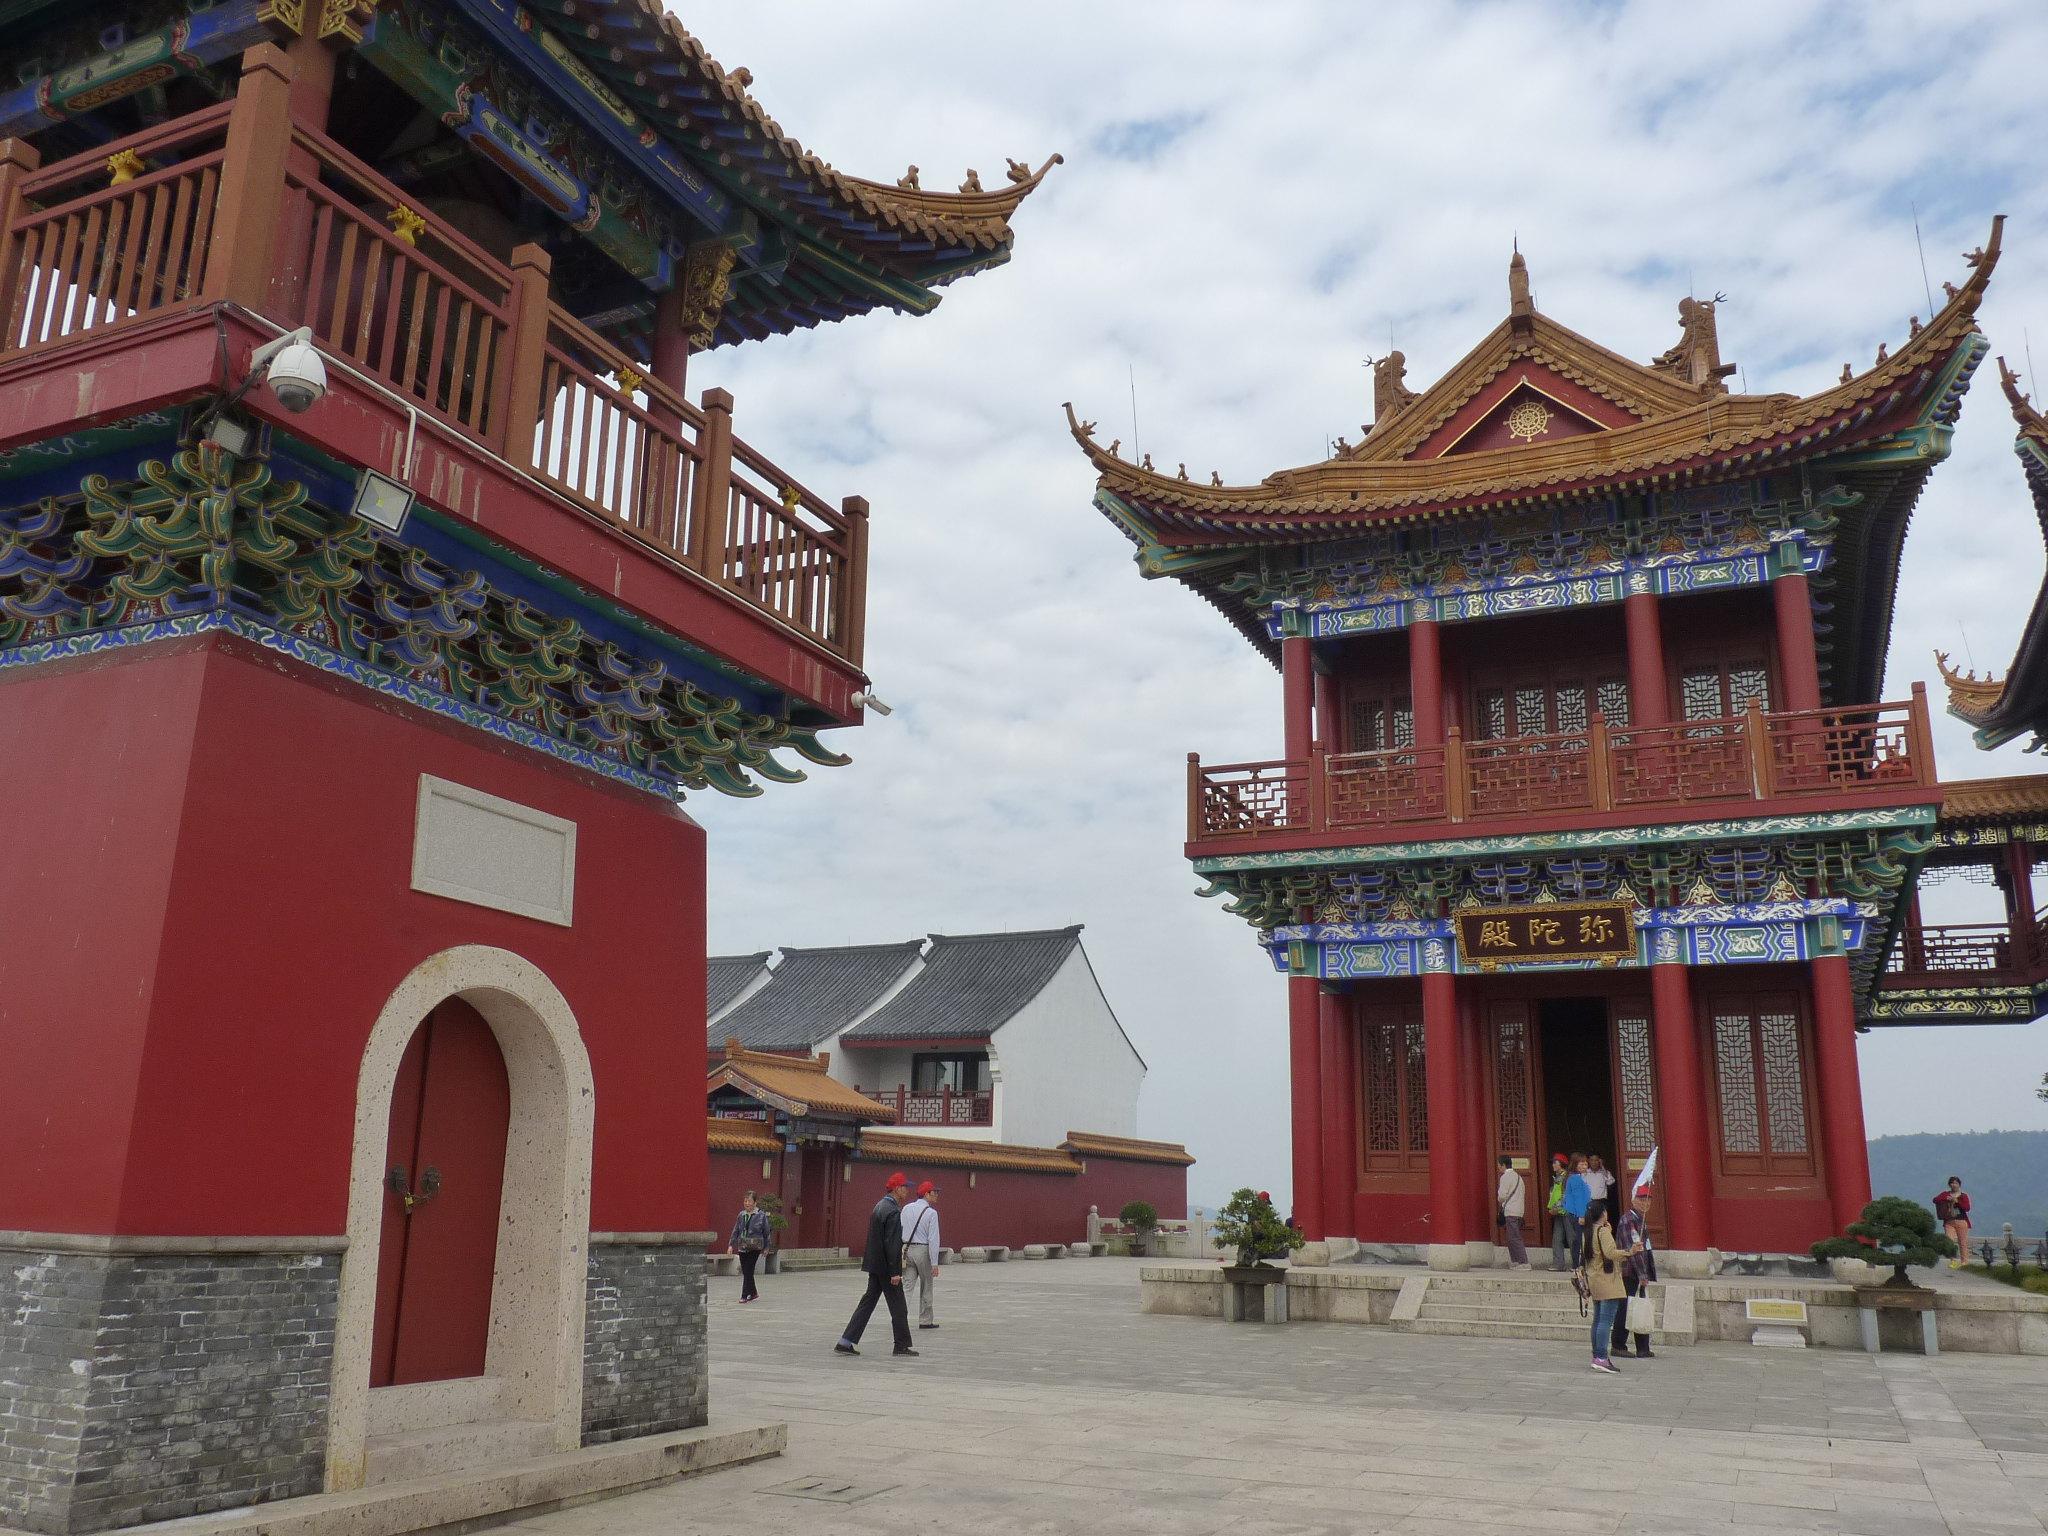 寺庙连廊21世纪-中间三座建筑楼上有连廊相接